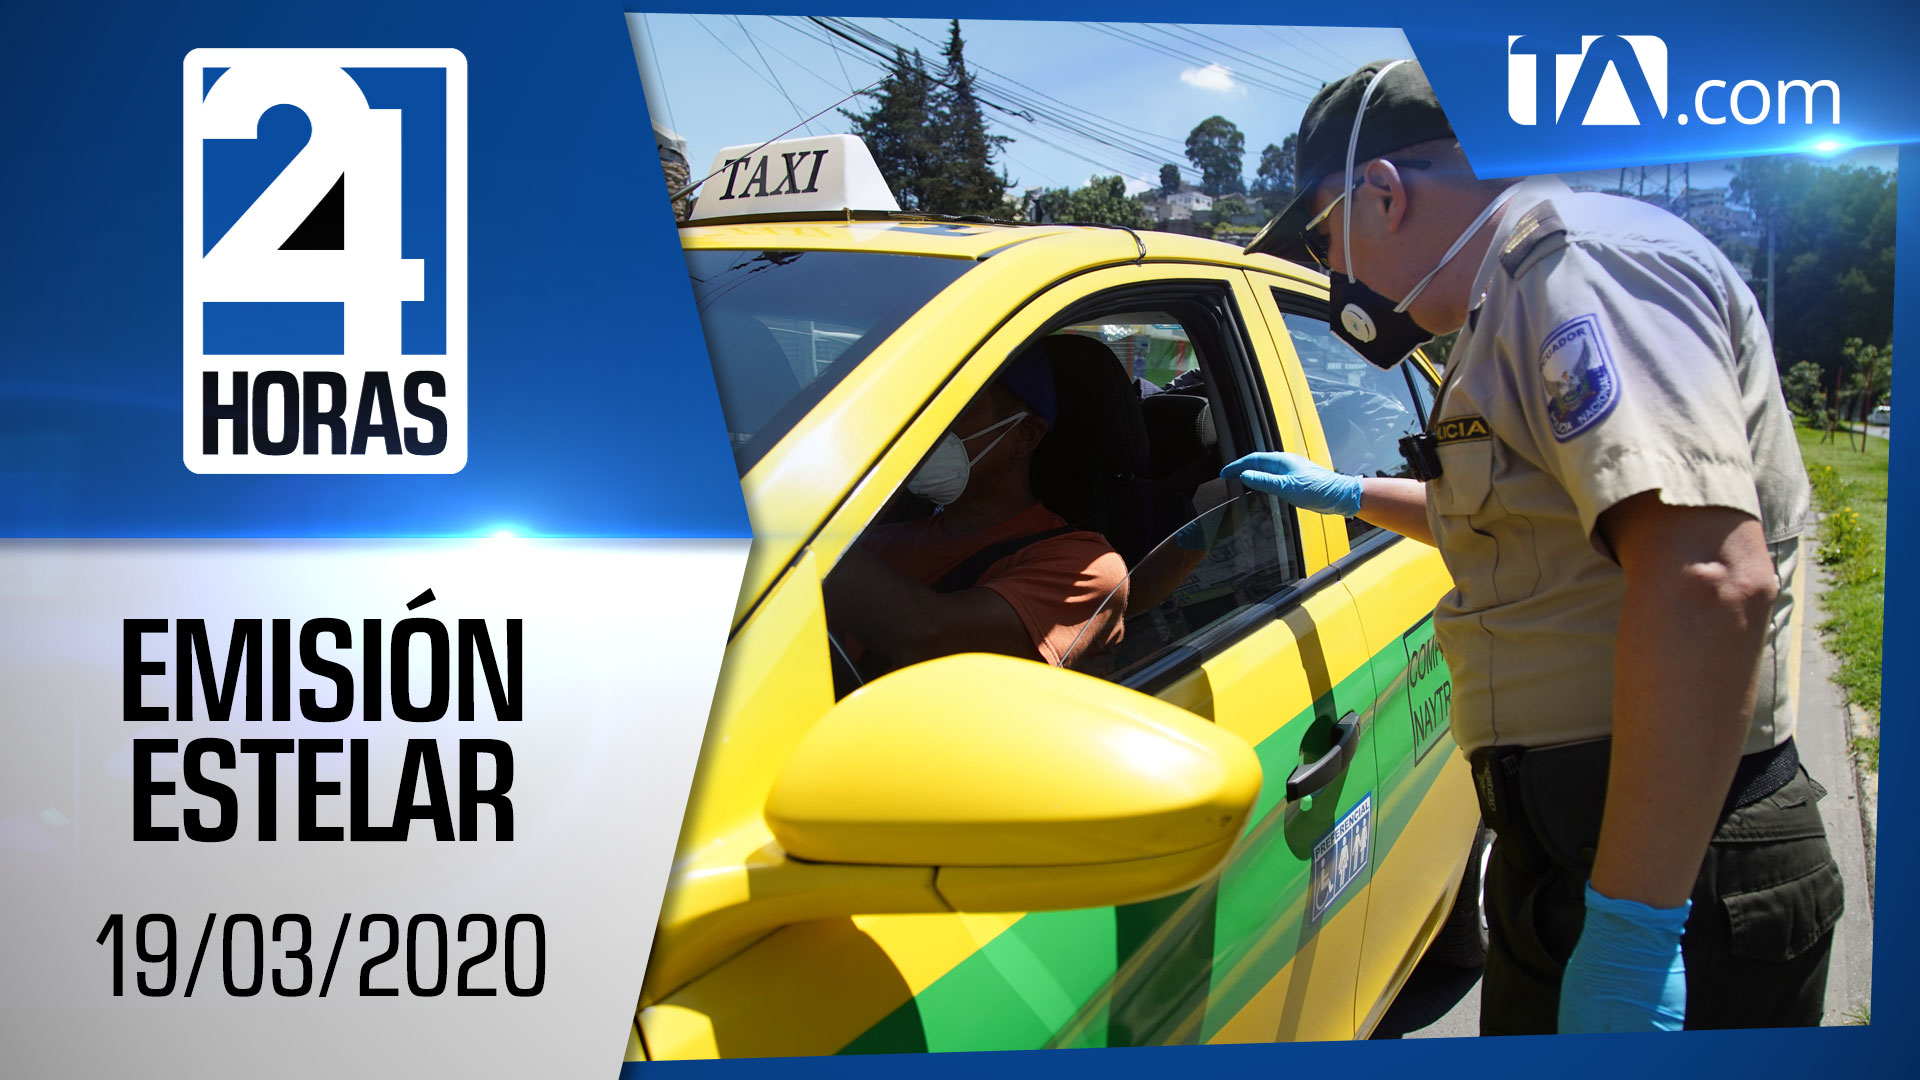 Noticias Ecuador: Noticiero 24 Horas, 19/03/2020 (Emisión Estelar)